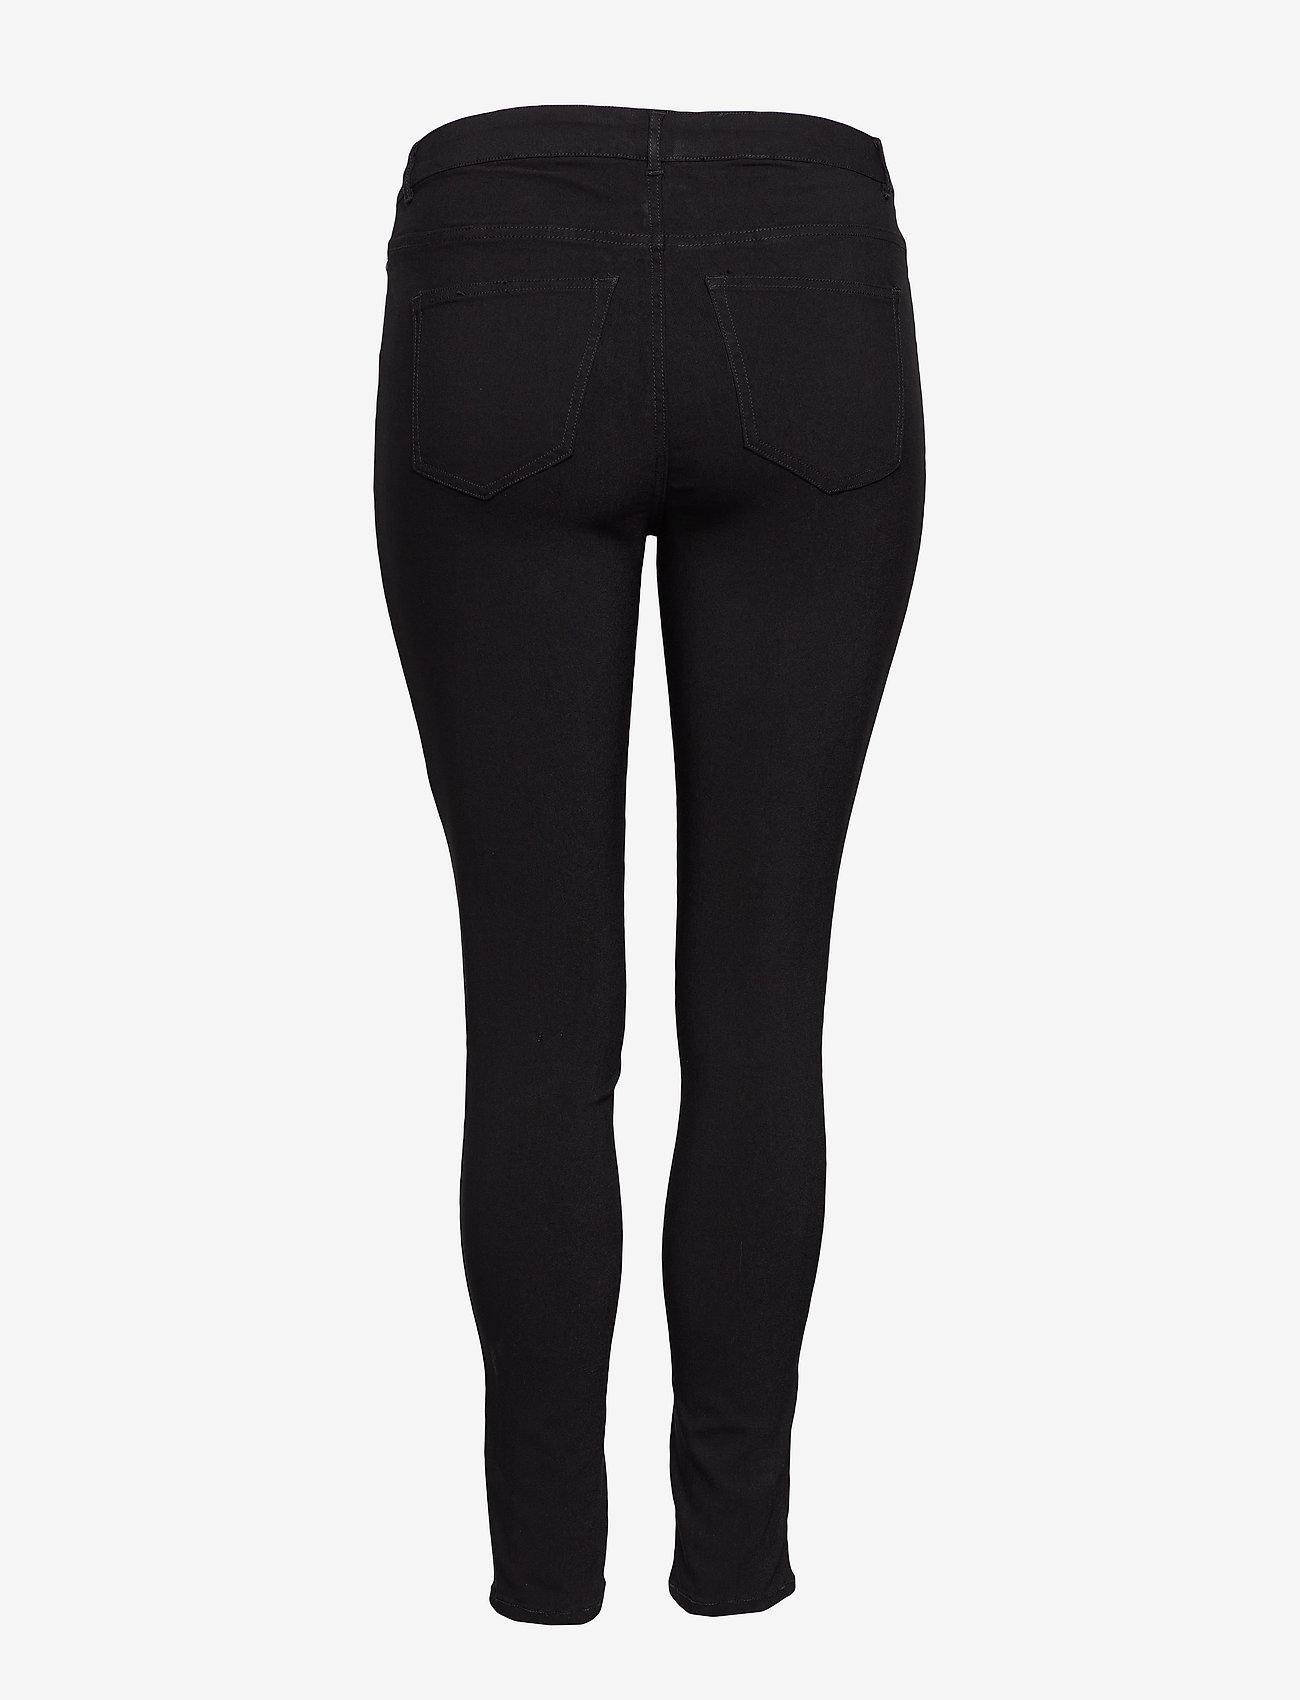 Jrmasja Nw Slim Jeans -  K (Black) (296.65 kr) - JunaRose